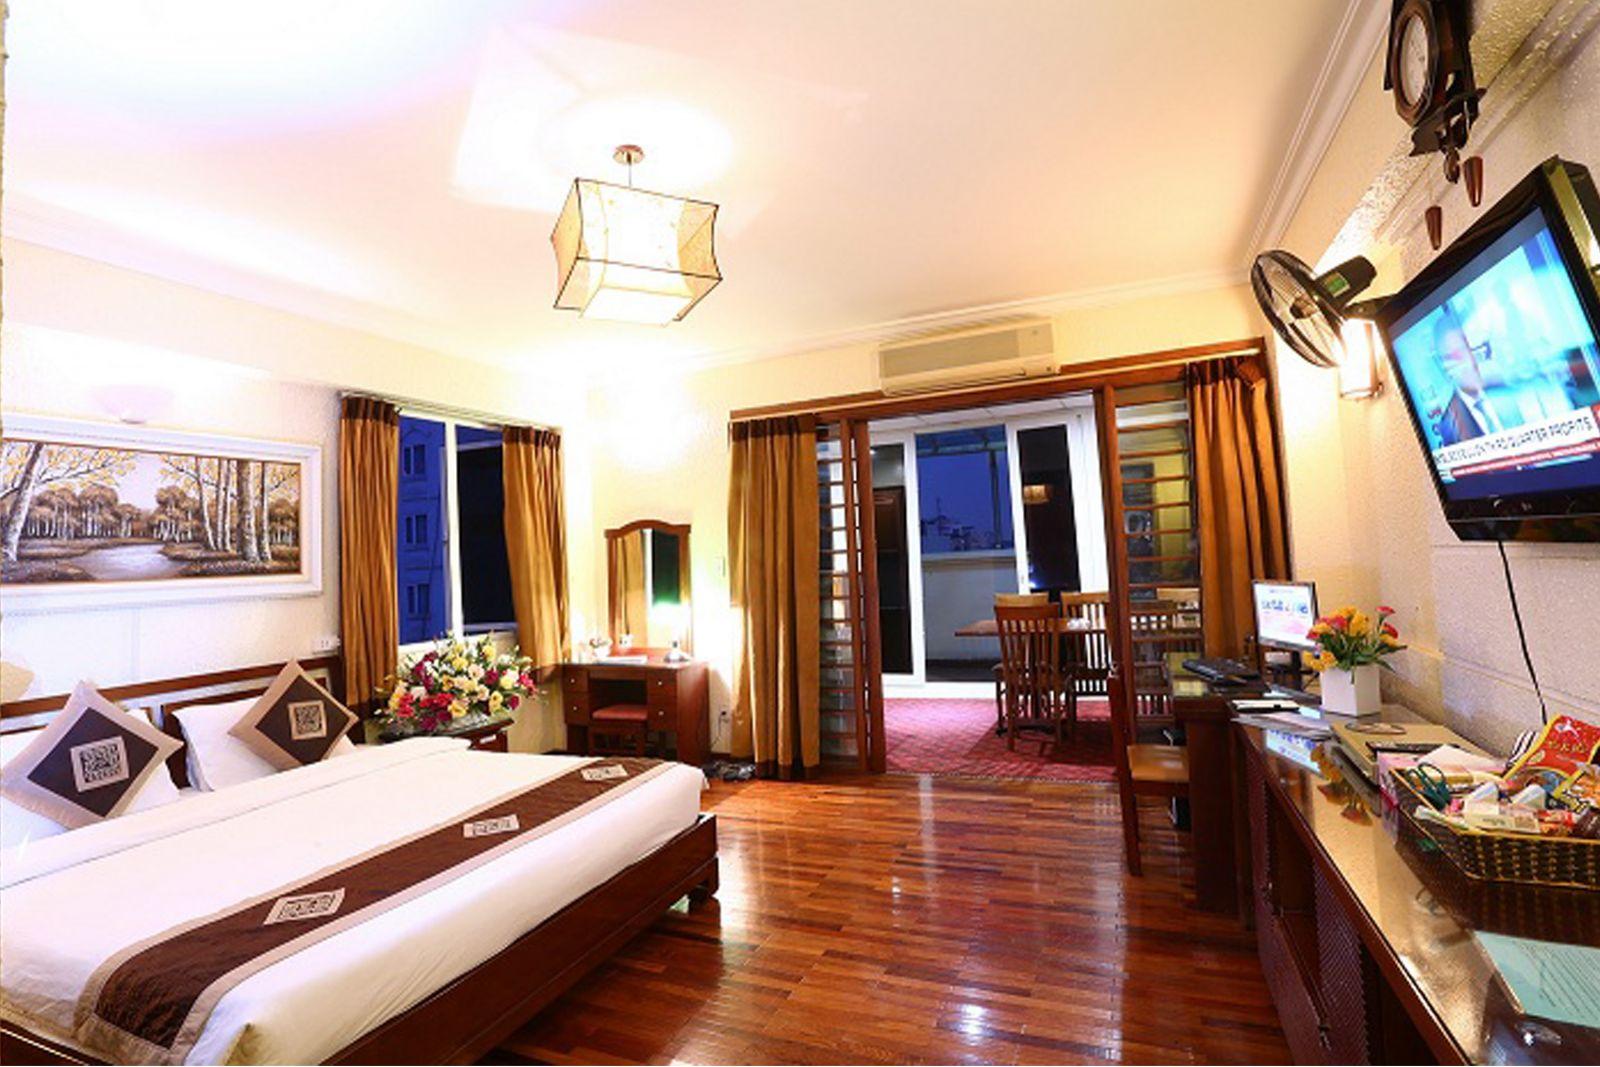 Xu hướng kinh doanh khách sạn nghỉ dưỡng